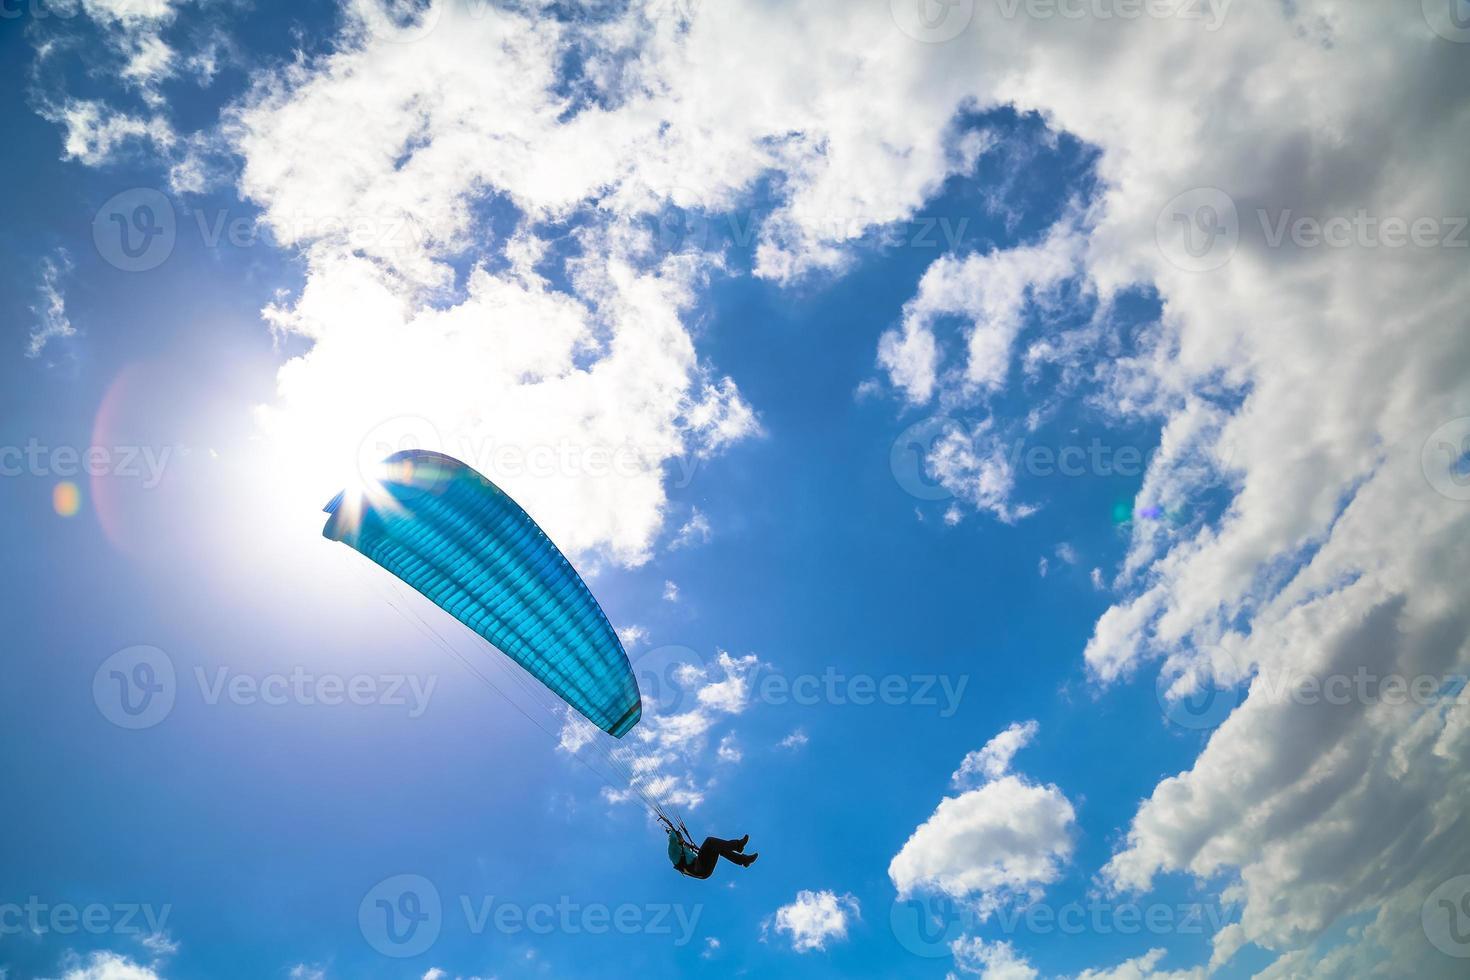 parapente se cierne en un soleado cielo azul foto